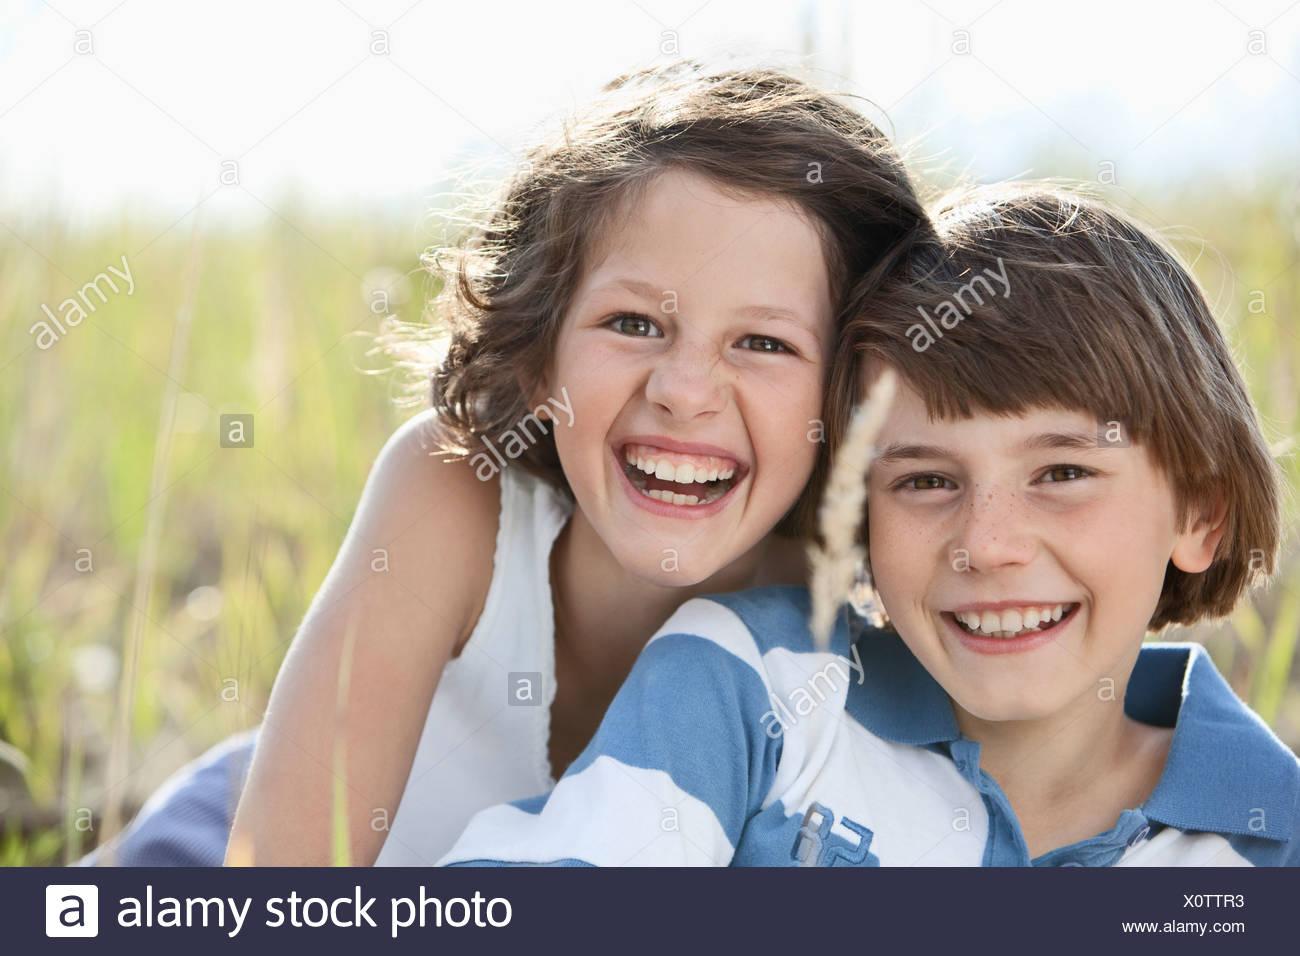 Alemania, Baviera, Boy (10-11 años) y la niña (8-9 años) jugando, sonriendo Imagen De Stock